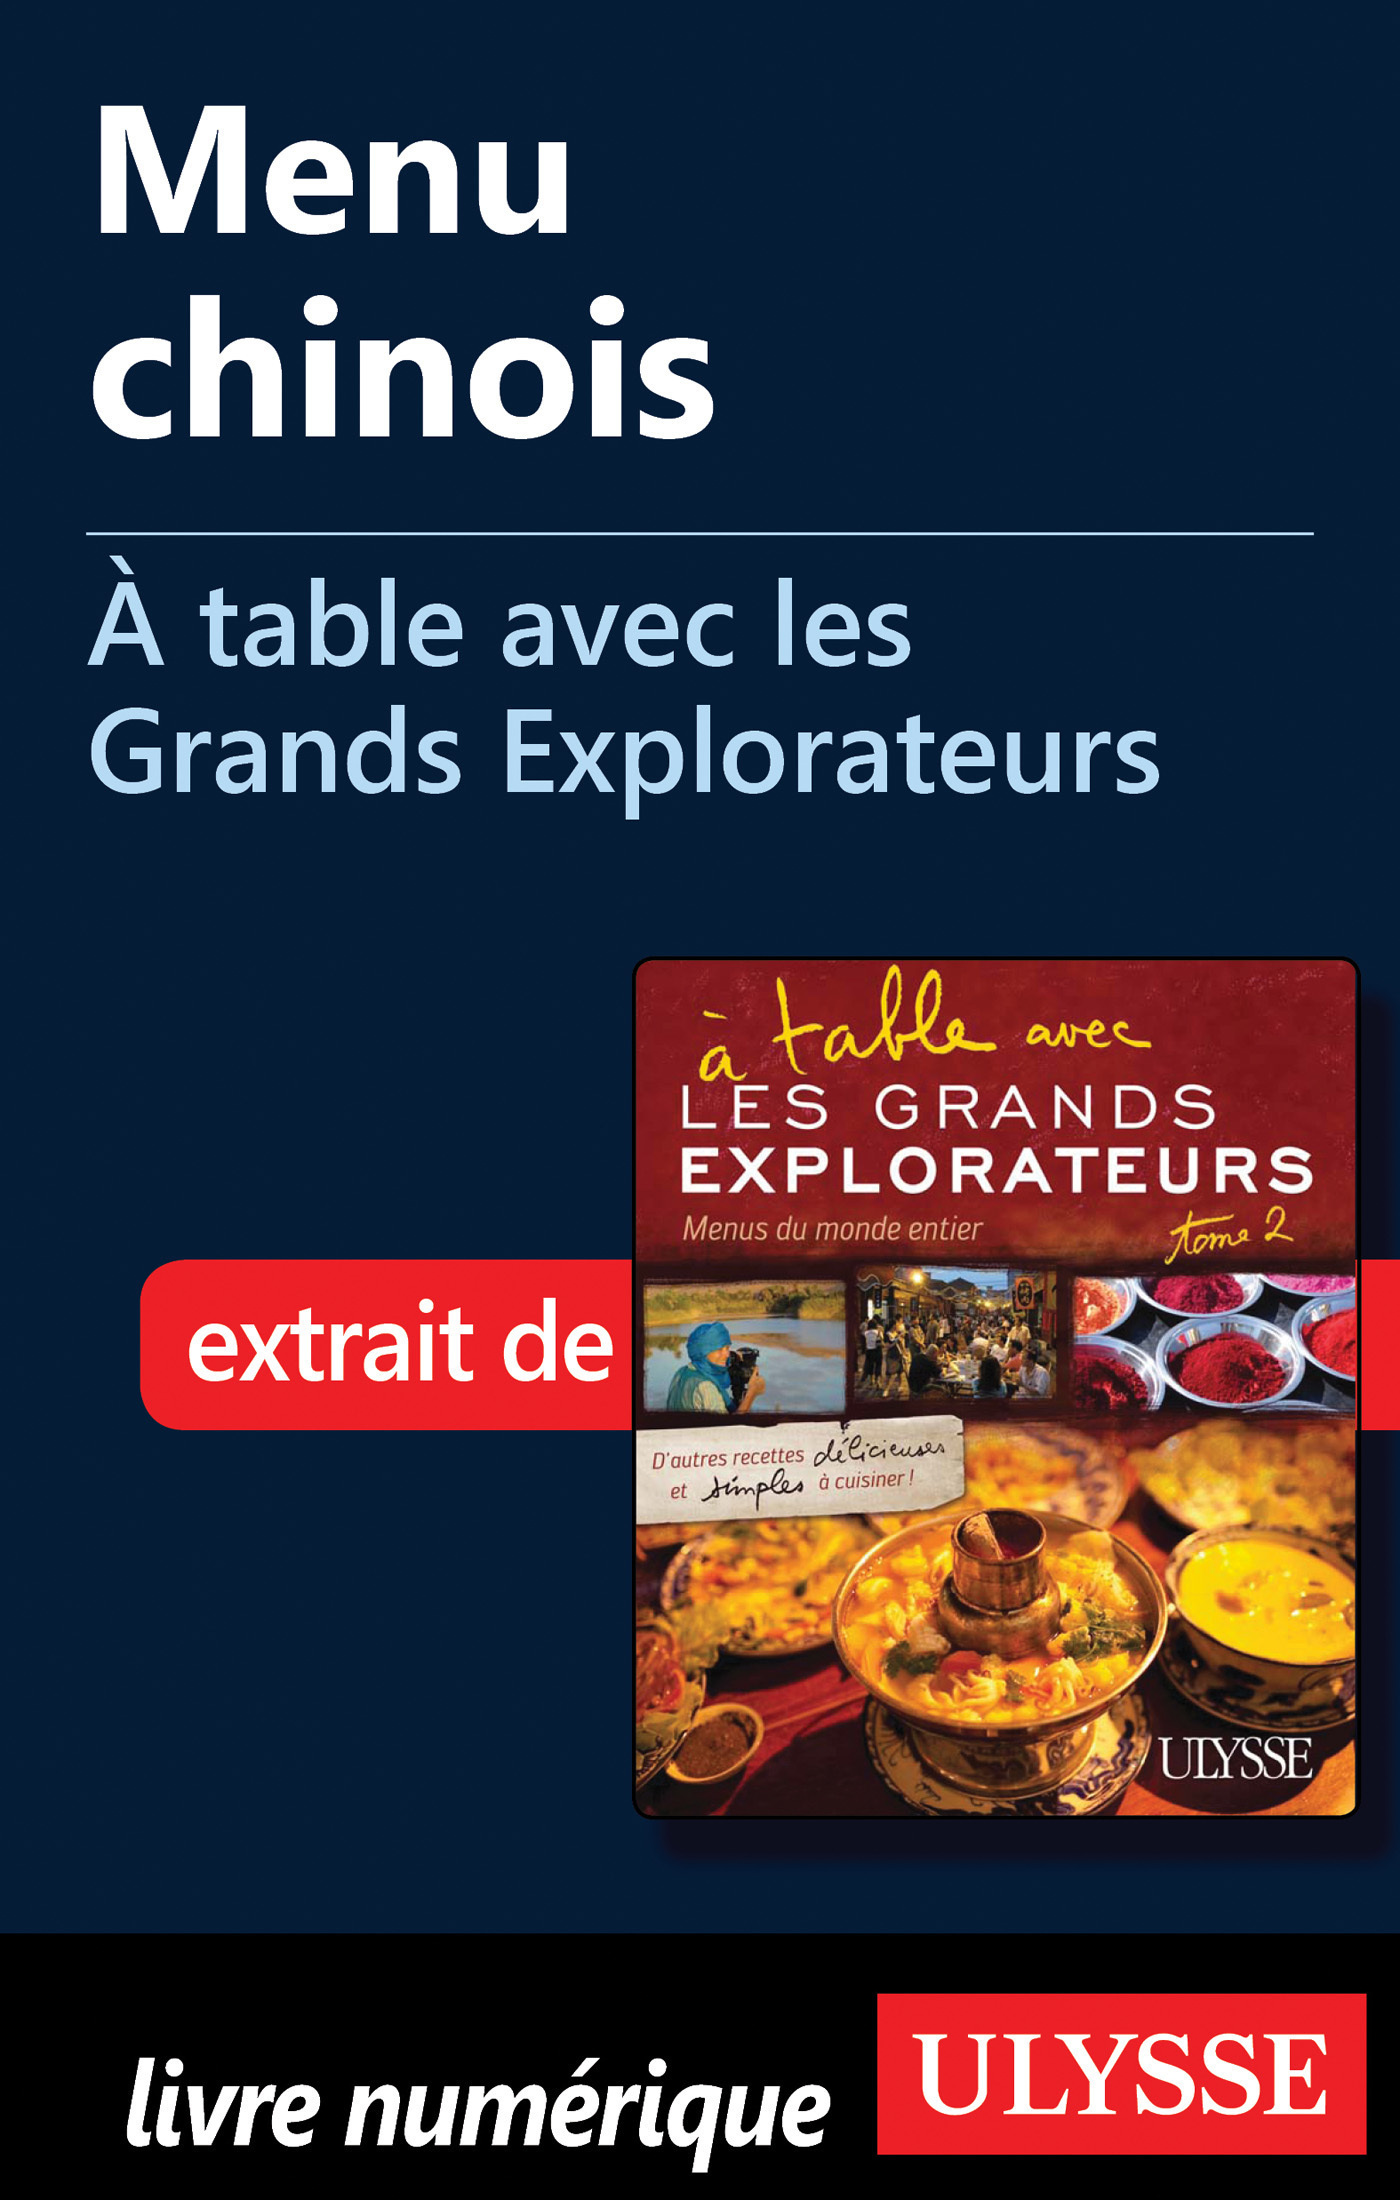 Menu chinois - A table avec les Grands Explorateurs